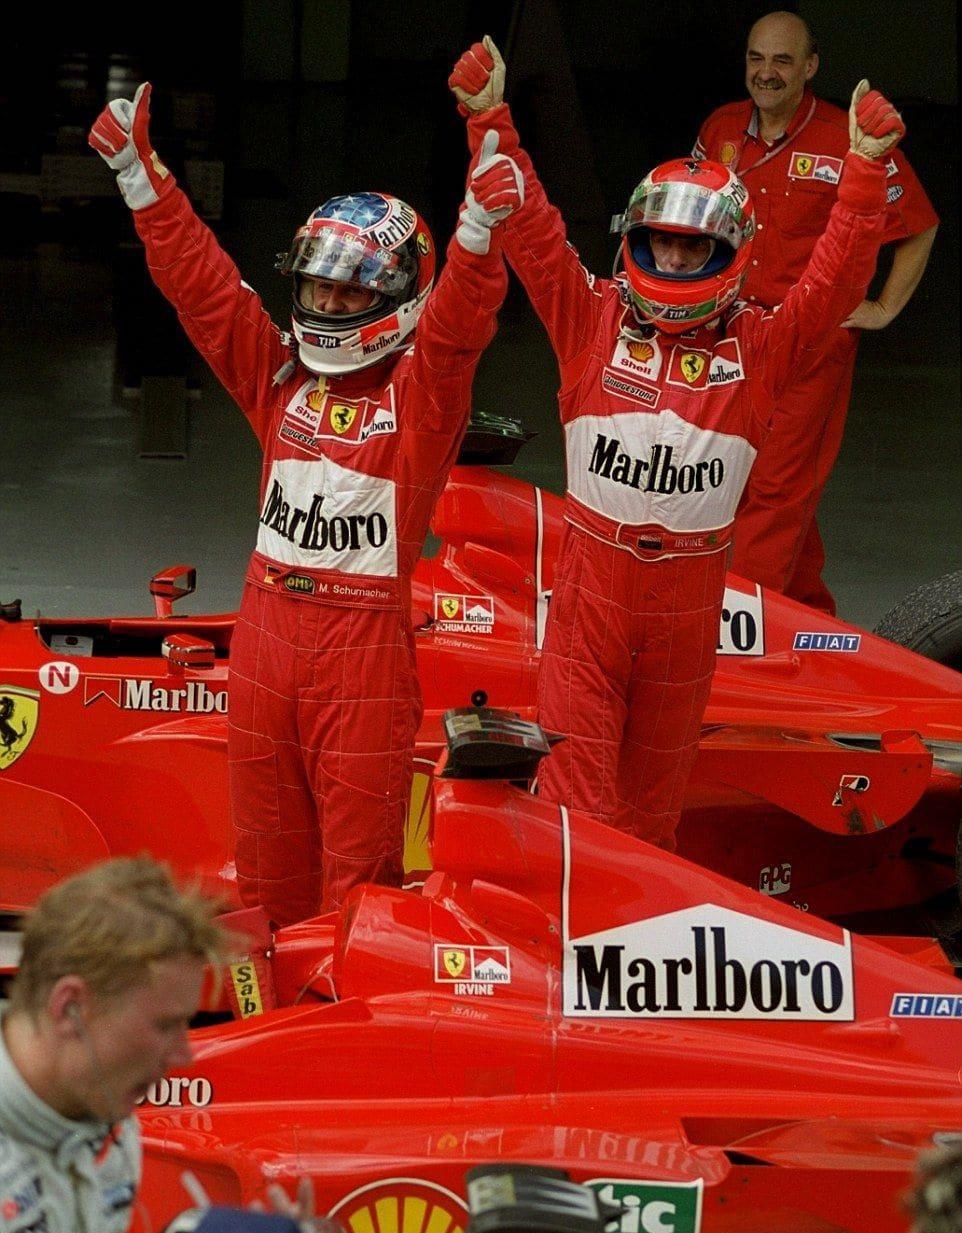 Eddie Irvine, come (non) ci sei  riuscito?